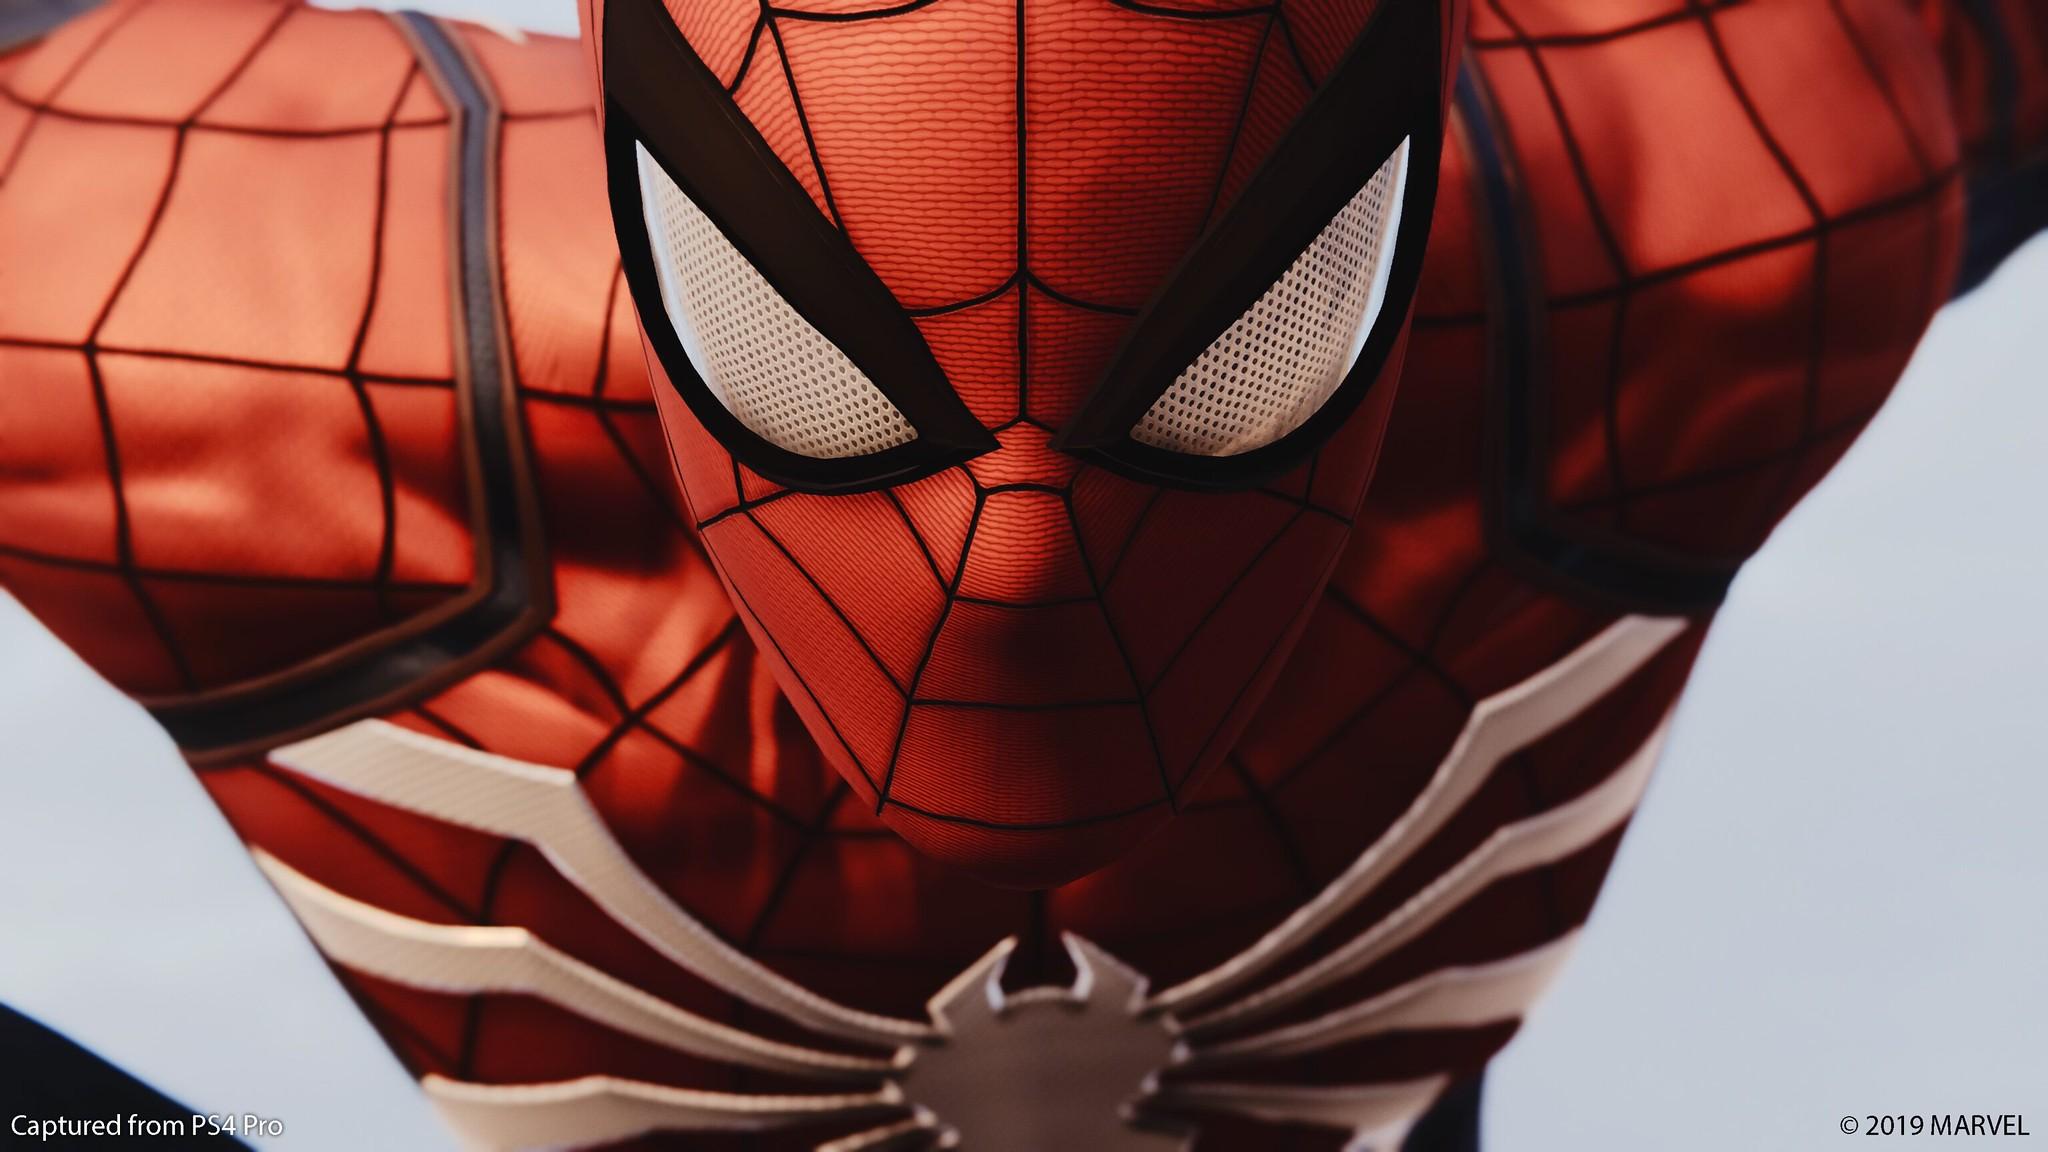 48602742342 0a9b441245 k - So macht ihr mehr Fotos von Spider-Man in Marvel's Spider-Man für PS4